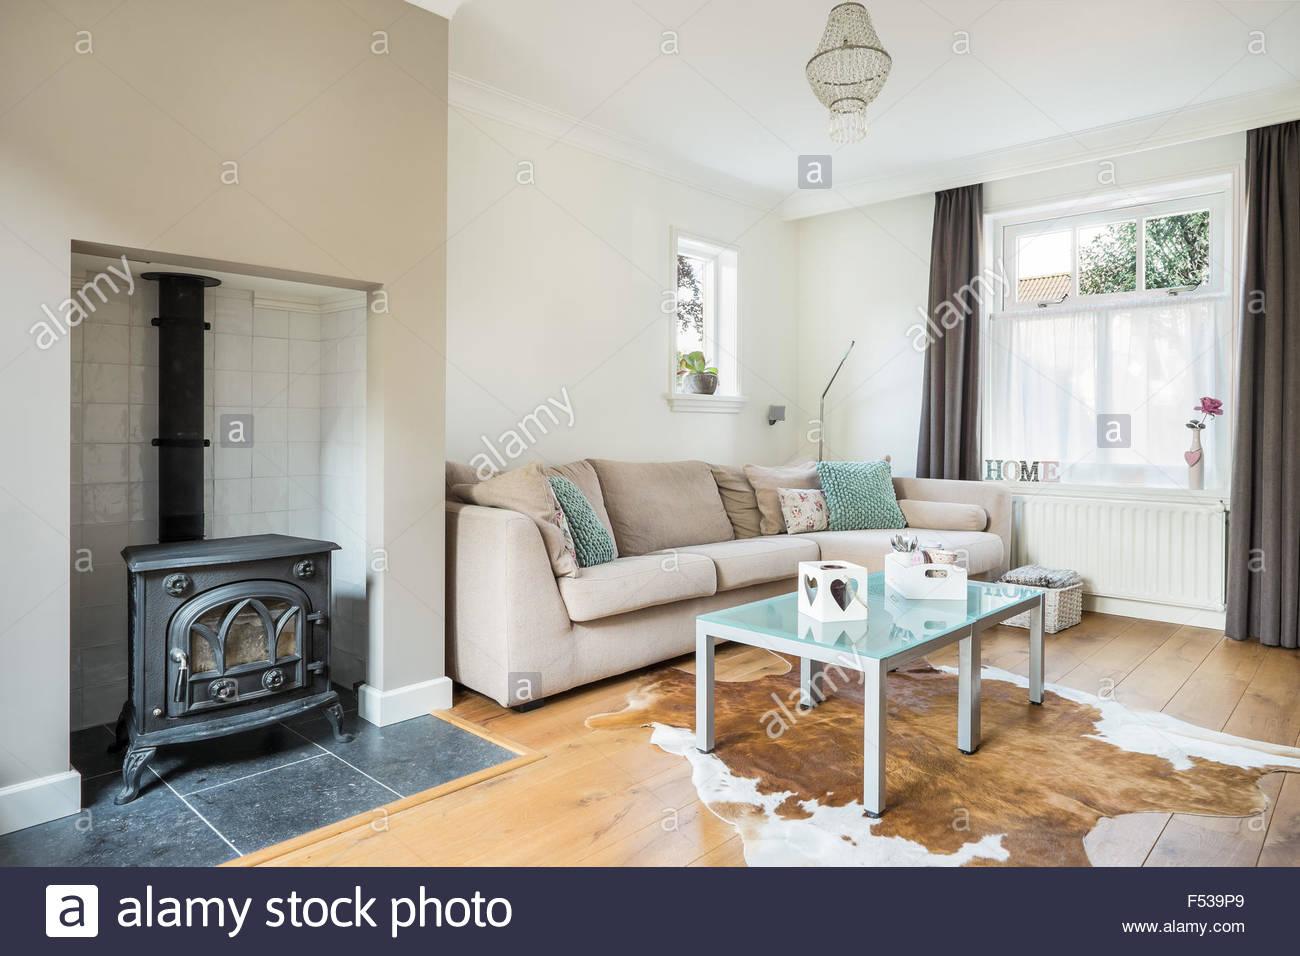 Salon pequeo con chimenea affordable decorar salon pequeo moderno imagenes planos pequeno con - Decorar un salon con chimenea ...